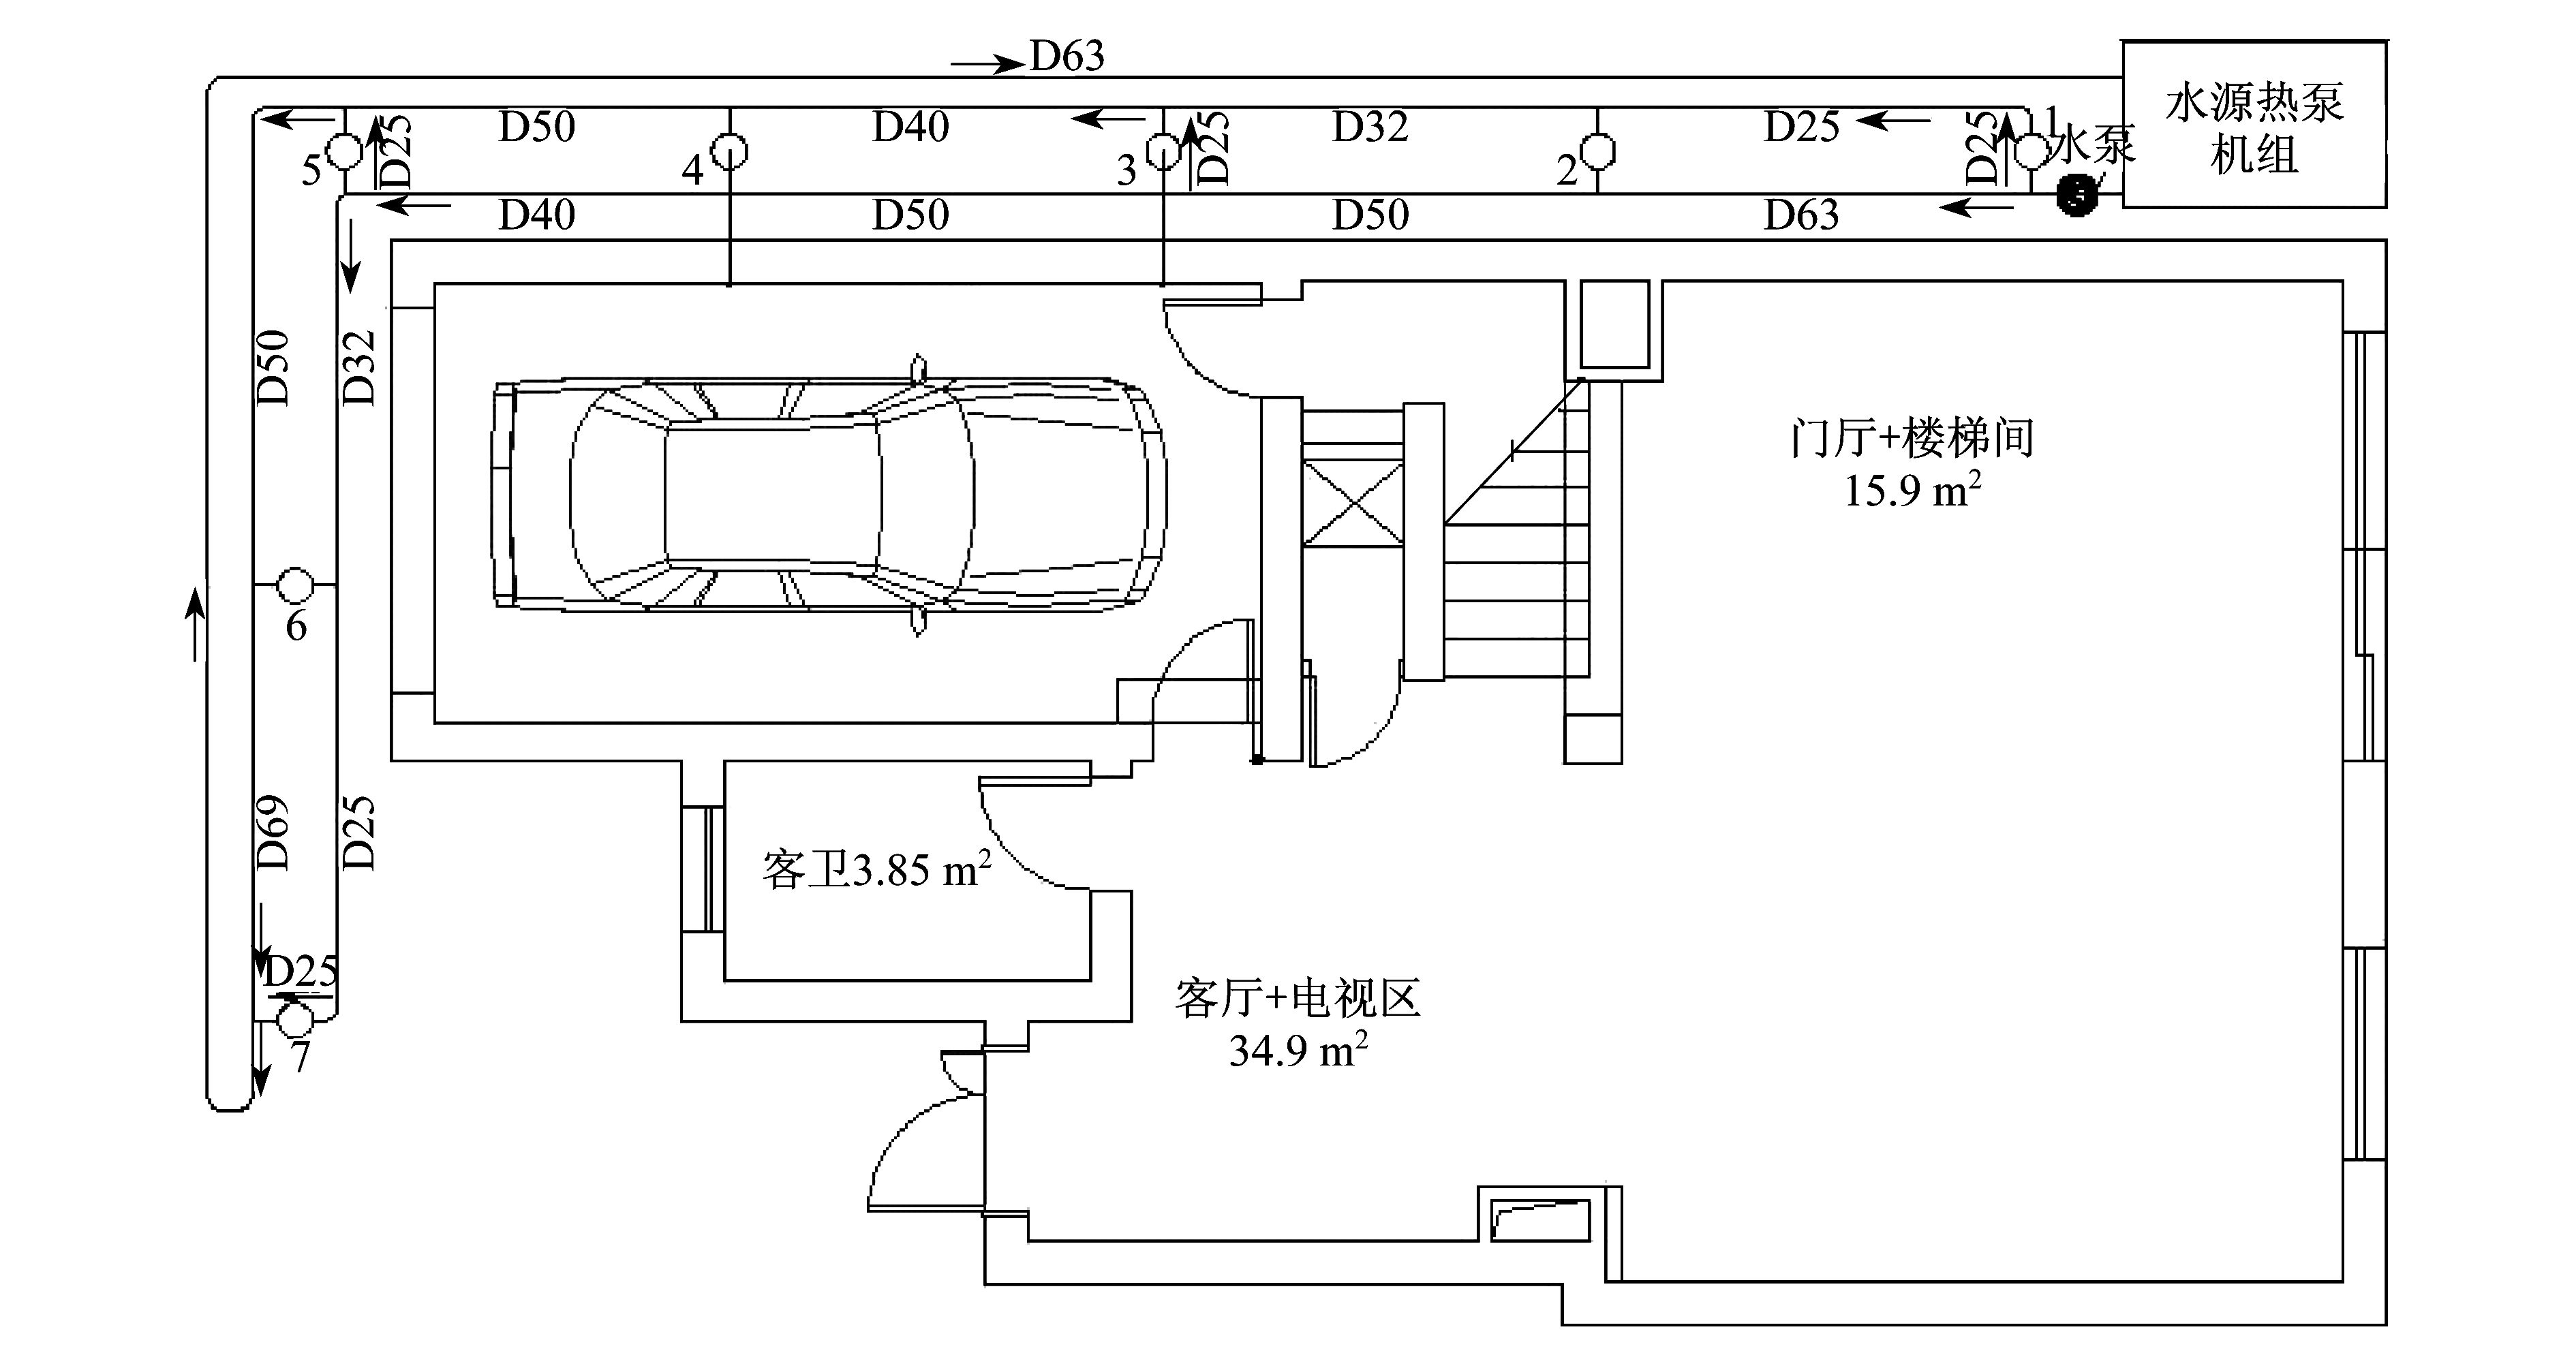 地源热泵原理图解地源热泵是什么【今日信息】_拉力机设备